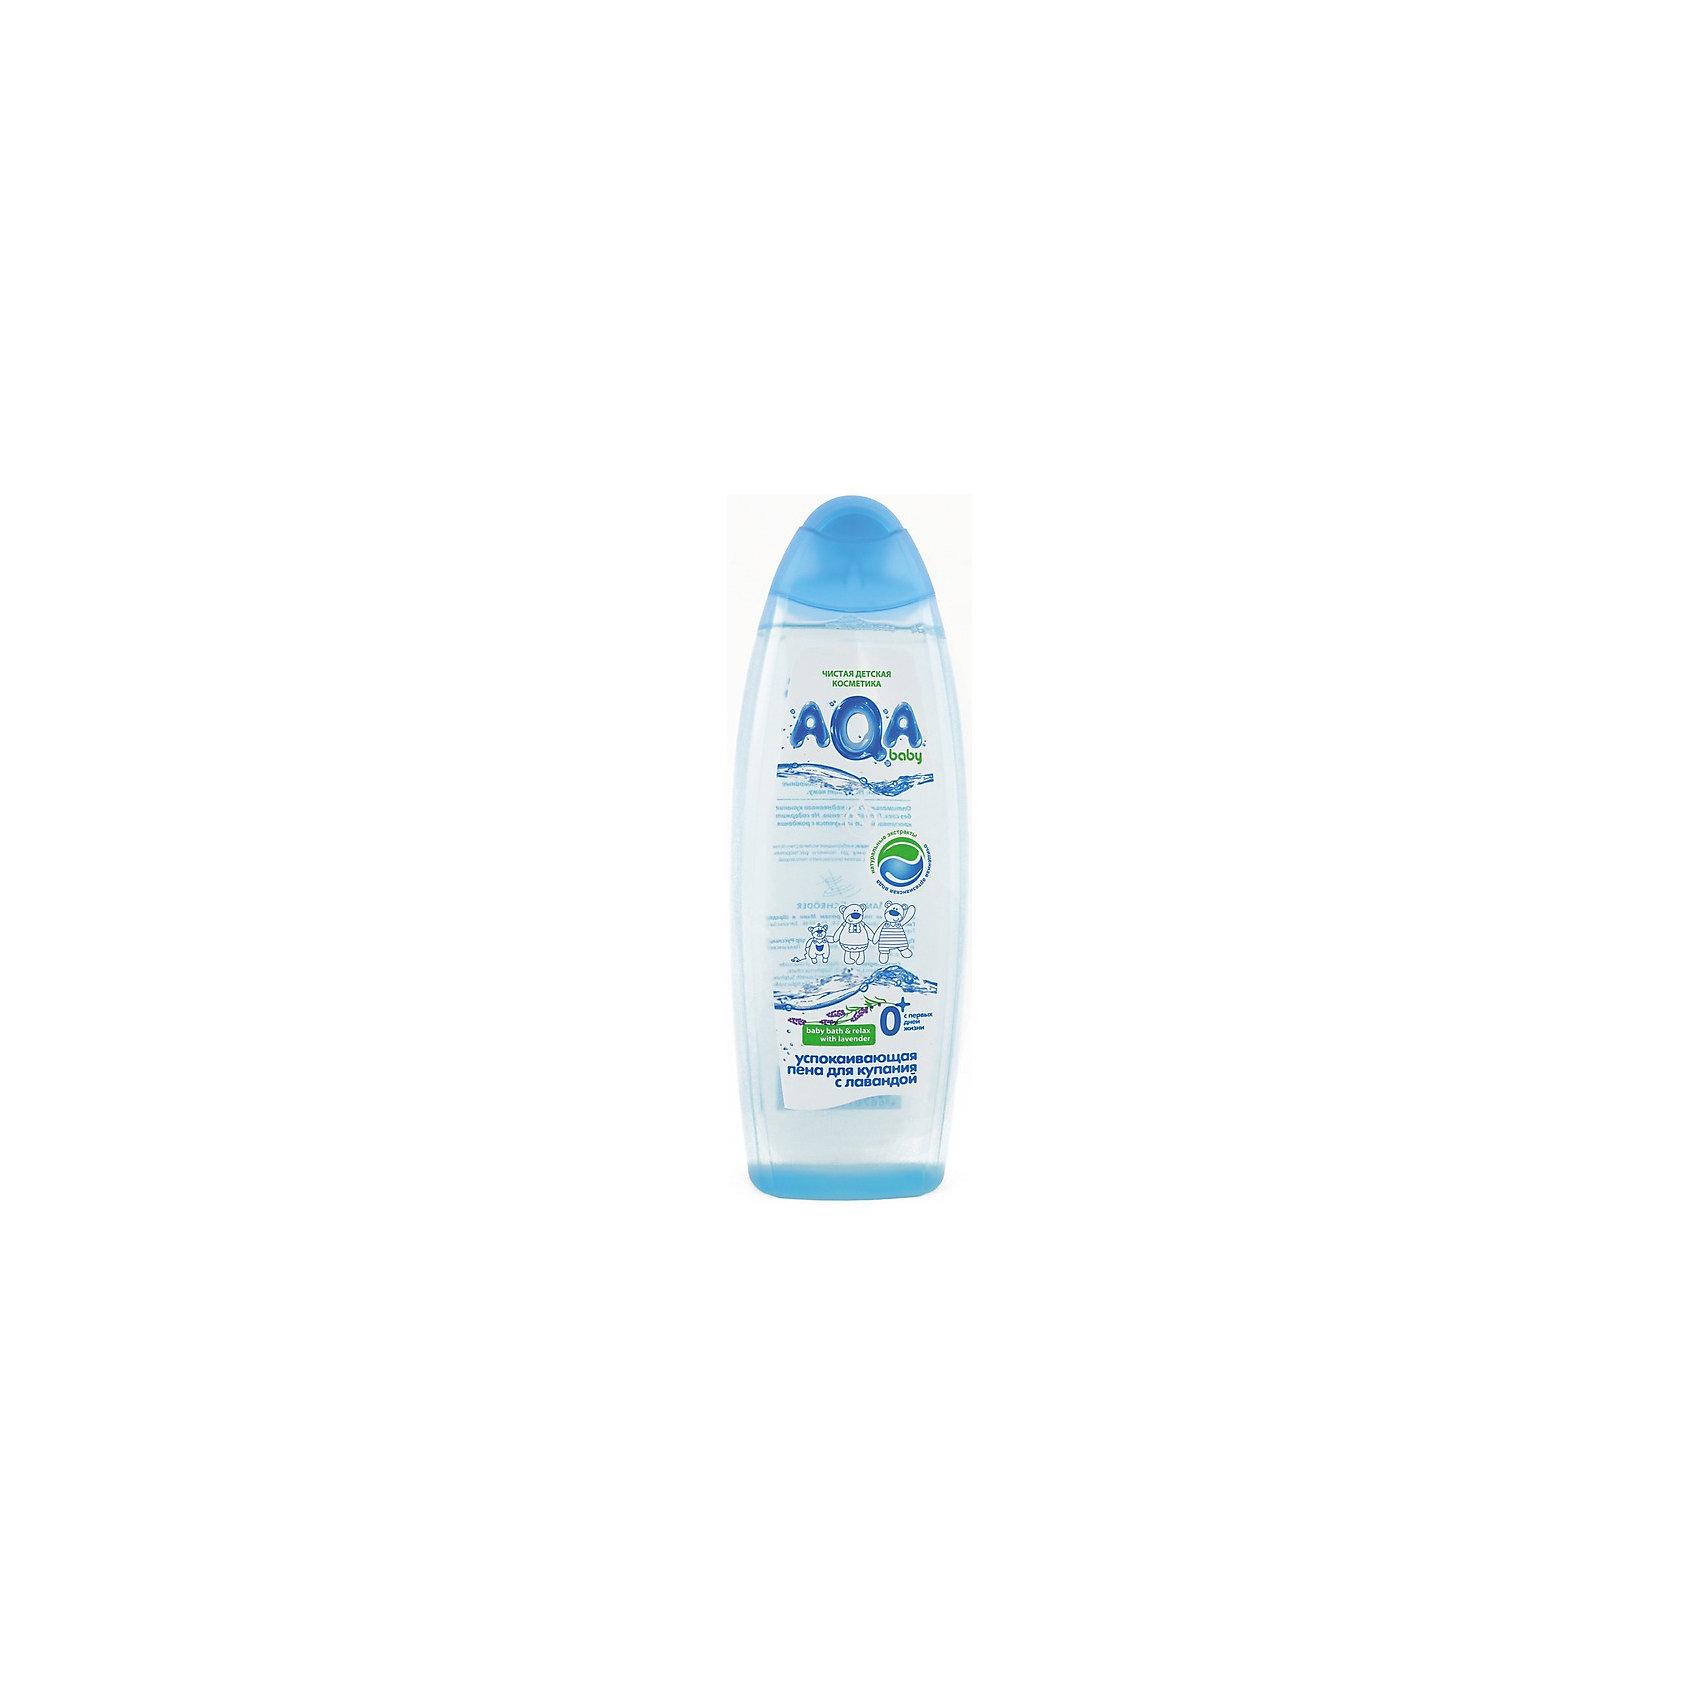 Пена для купания успокаивающая с лавандой, AQA babyНежно очищает во время купания, успокаивая и расслабляя малыша, настраивает на спокойный сон.<br>С экстрактом лаванды<br>Не сушит кожу<br>Без парабенов<br>На основе воды из артезианского источника<br>С ромашкой, календулой и Д-пантенолом<br>Особенности:<br>Пена для ванны с первых дней жизни.<br>Содержит экстракты лаванды, ромашки и календулы.<br>На основе воды из артезианского источника.<br>Без парабенов.<br>Объем: 500 мл.<br>Способ применения. Небольшое количество пенки добавьте в ванночку до полного растворения. Искупайте малыша, затем ополосните тело водой.<br><br>Ширина мм: 236<br>Глубина мм: 500<br>Высота мм: 83<br>Вес г: 460<br>Возраст от месяцев: 0<br>Возраст до месяцев: 36<br>Пол: Унисекс<br>Возраст: Детский<br>SKU: 4729810